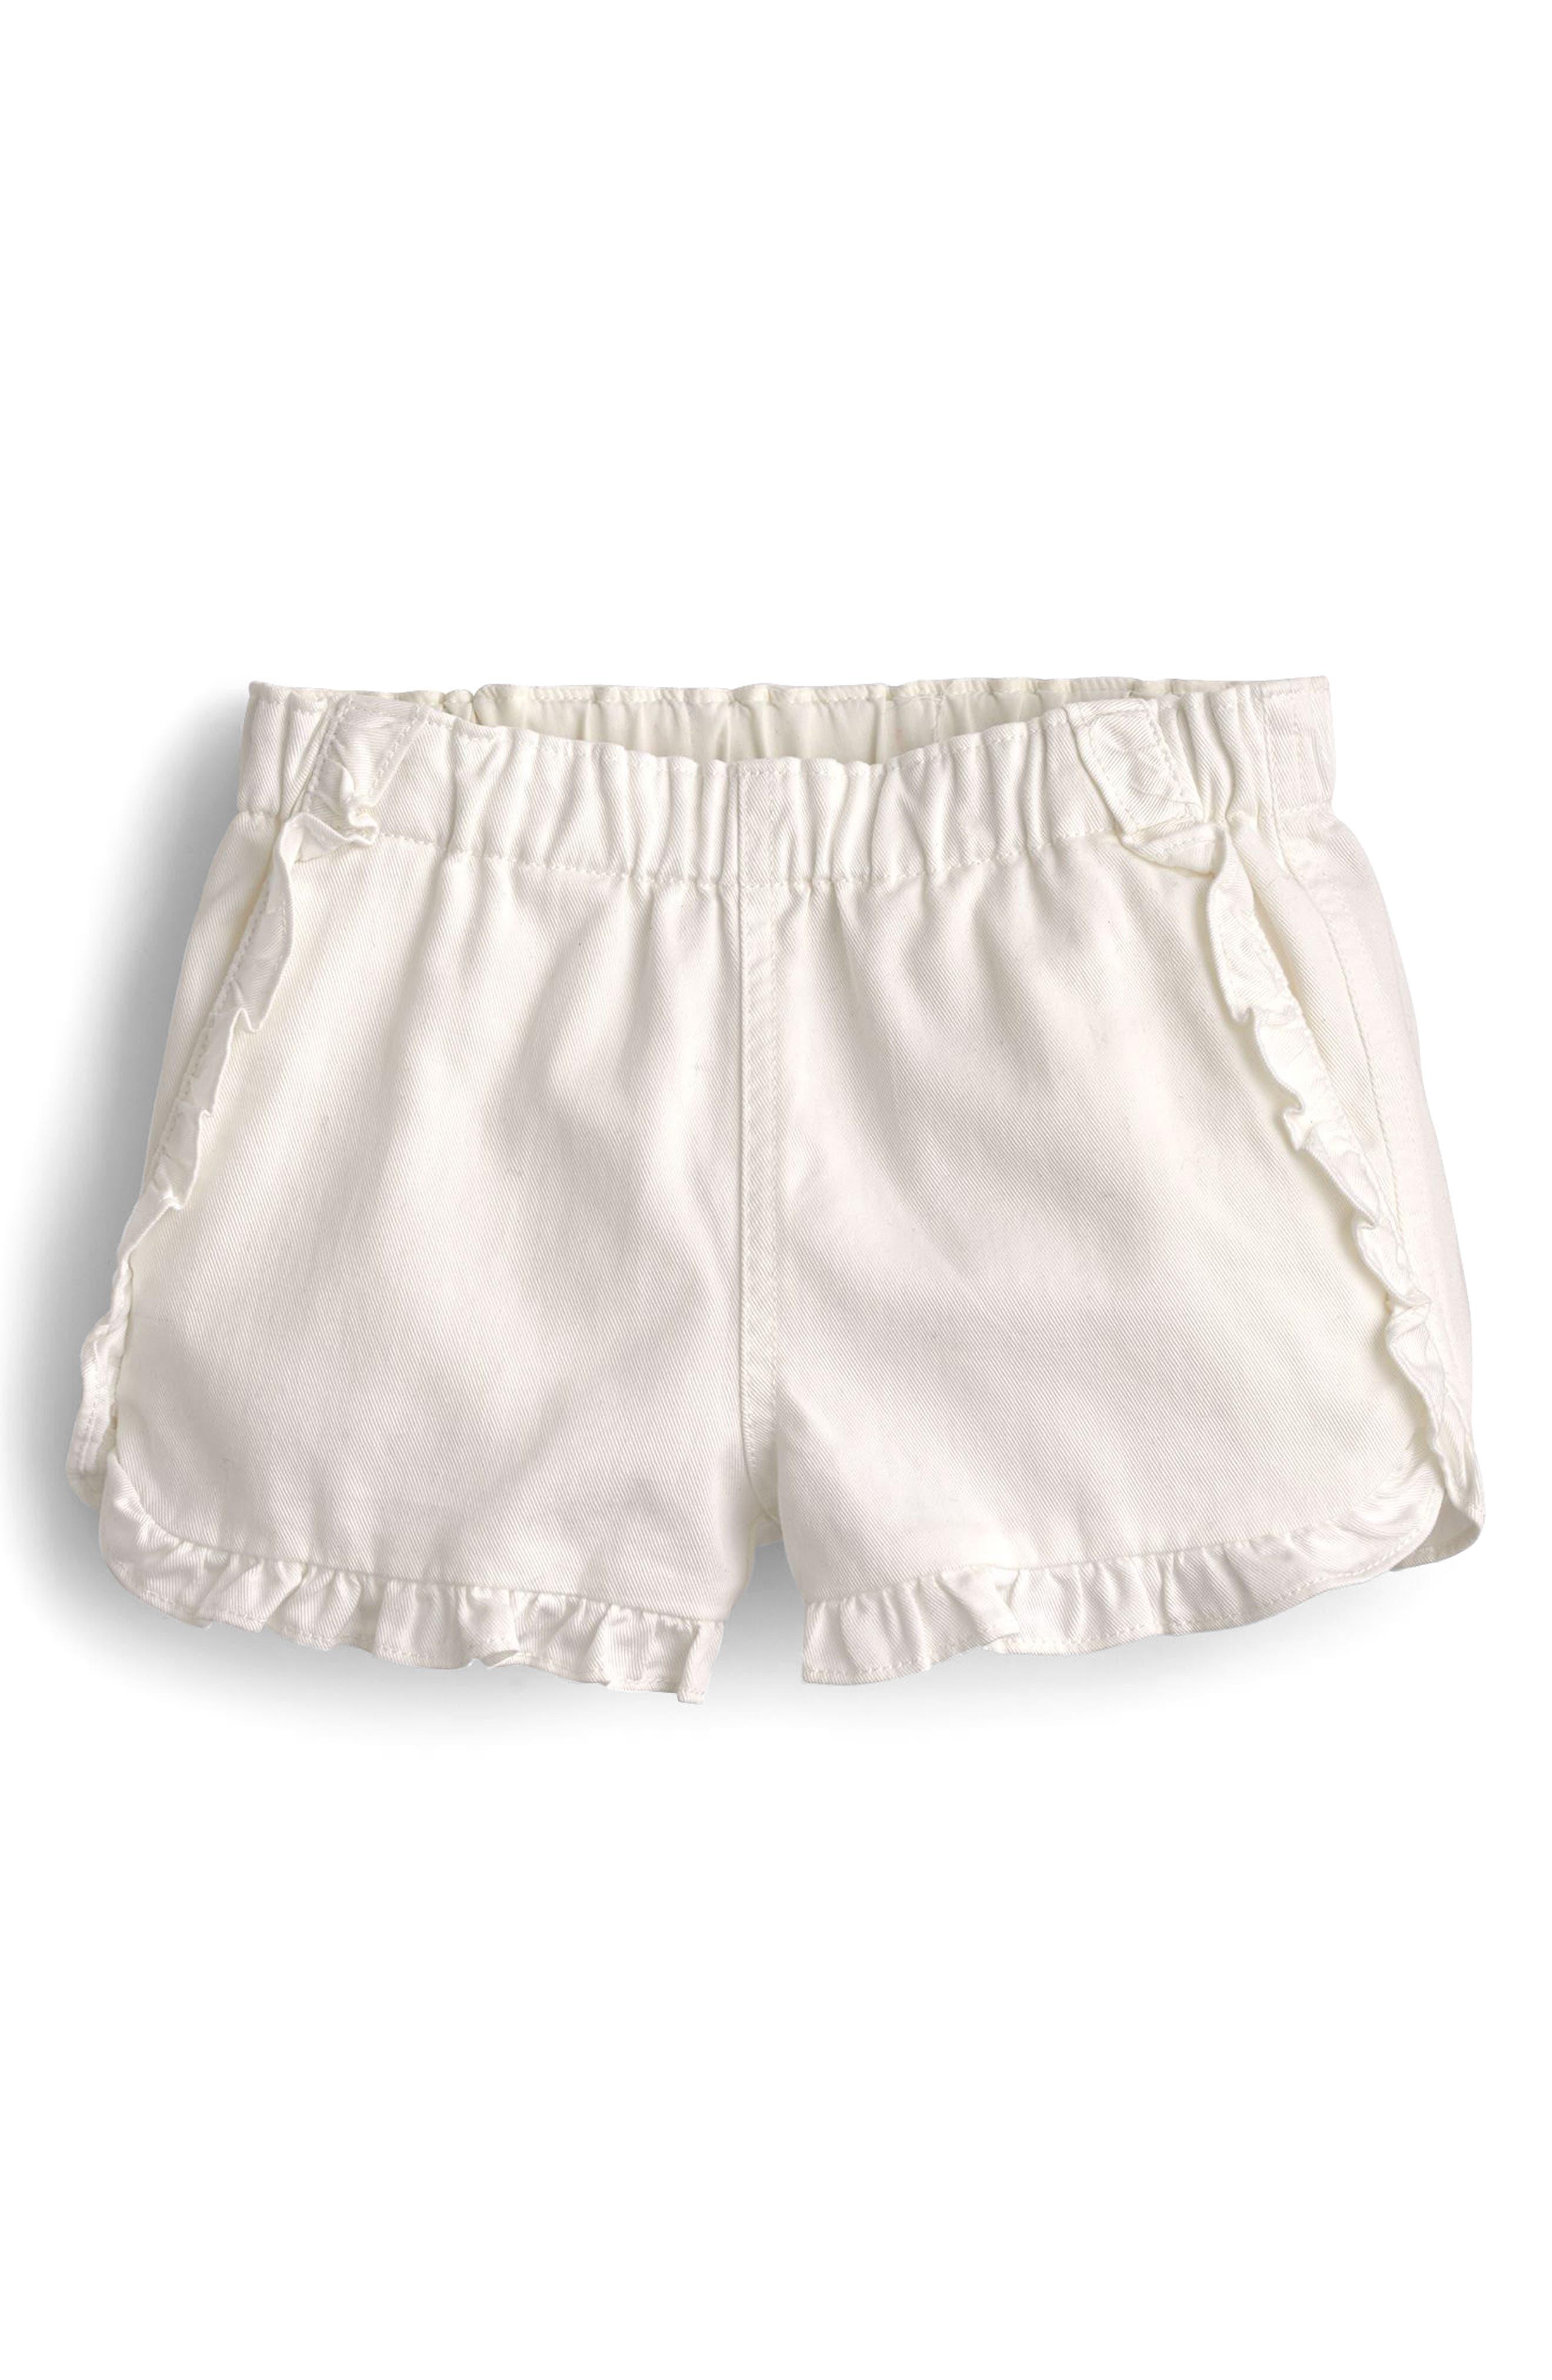 Elsa Ruffle Twill Shorts,                             Main thumbnail 1, color,                             White